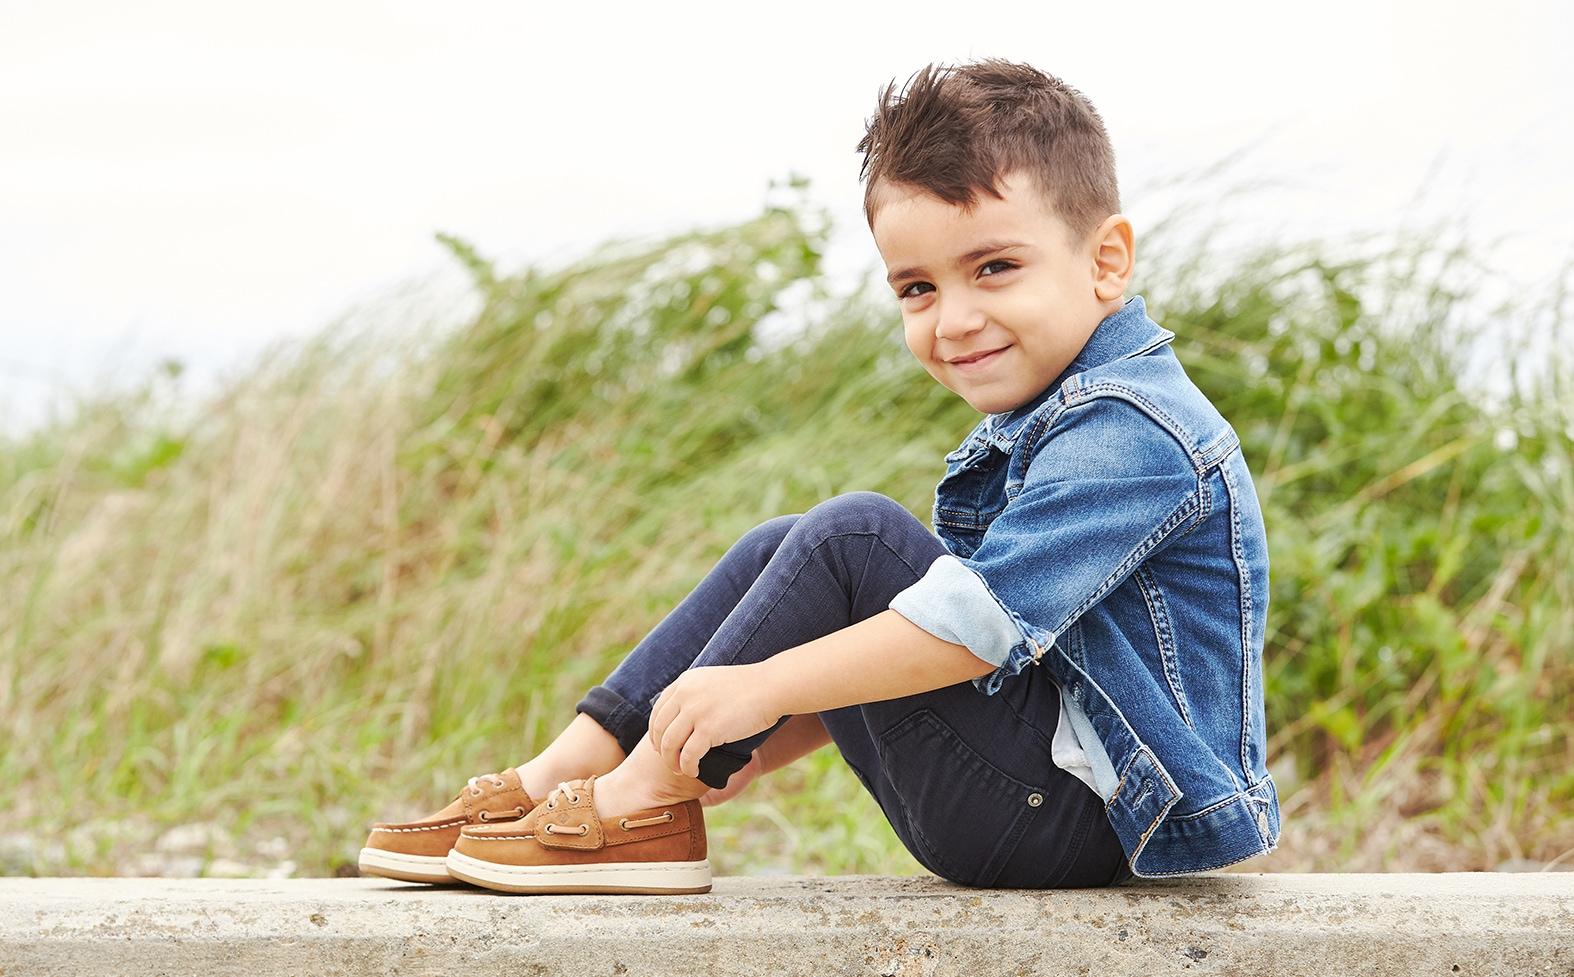 Little kid wearing Sperry boat shoes